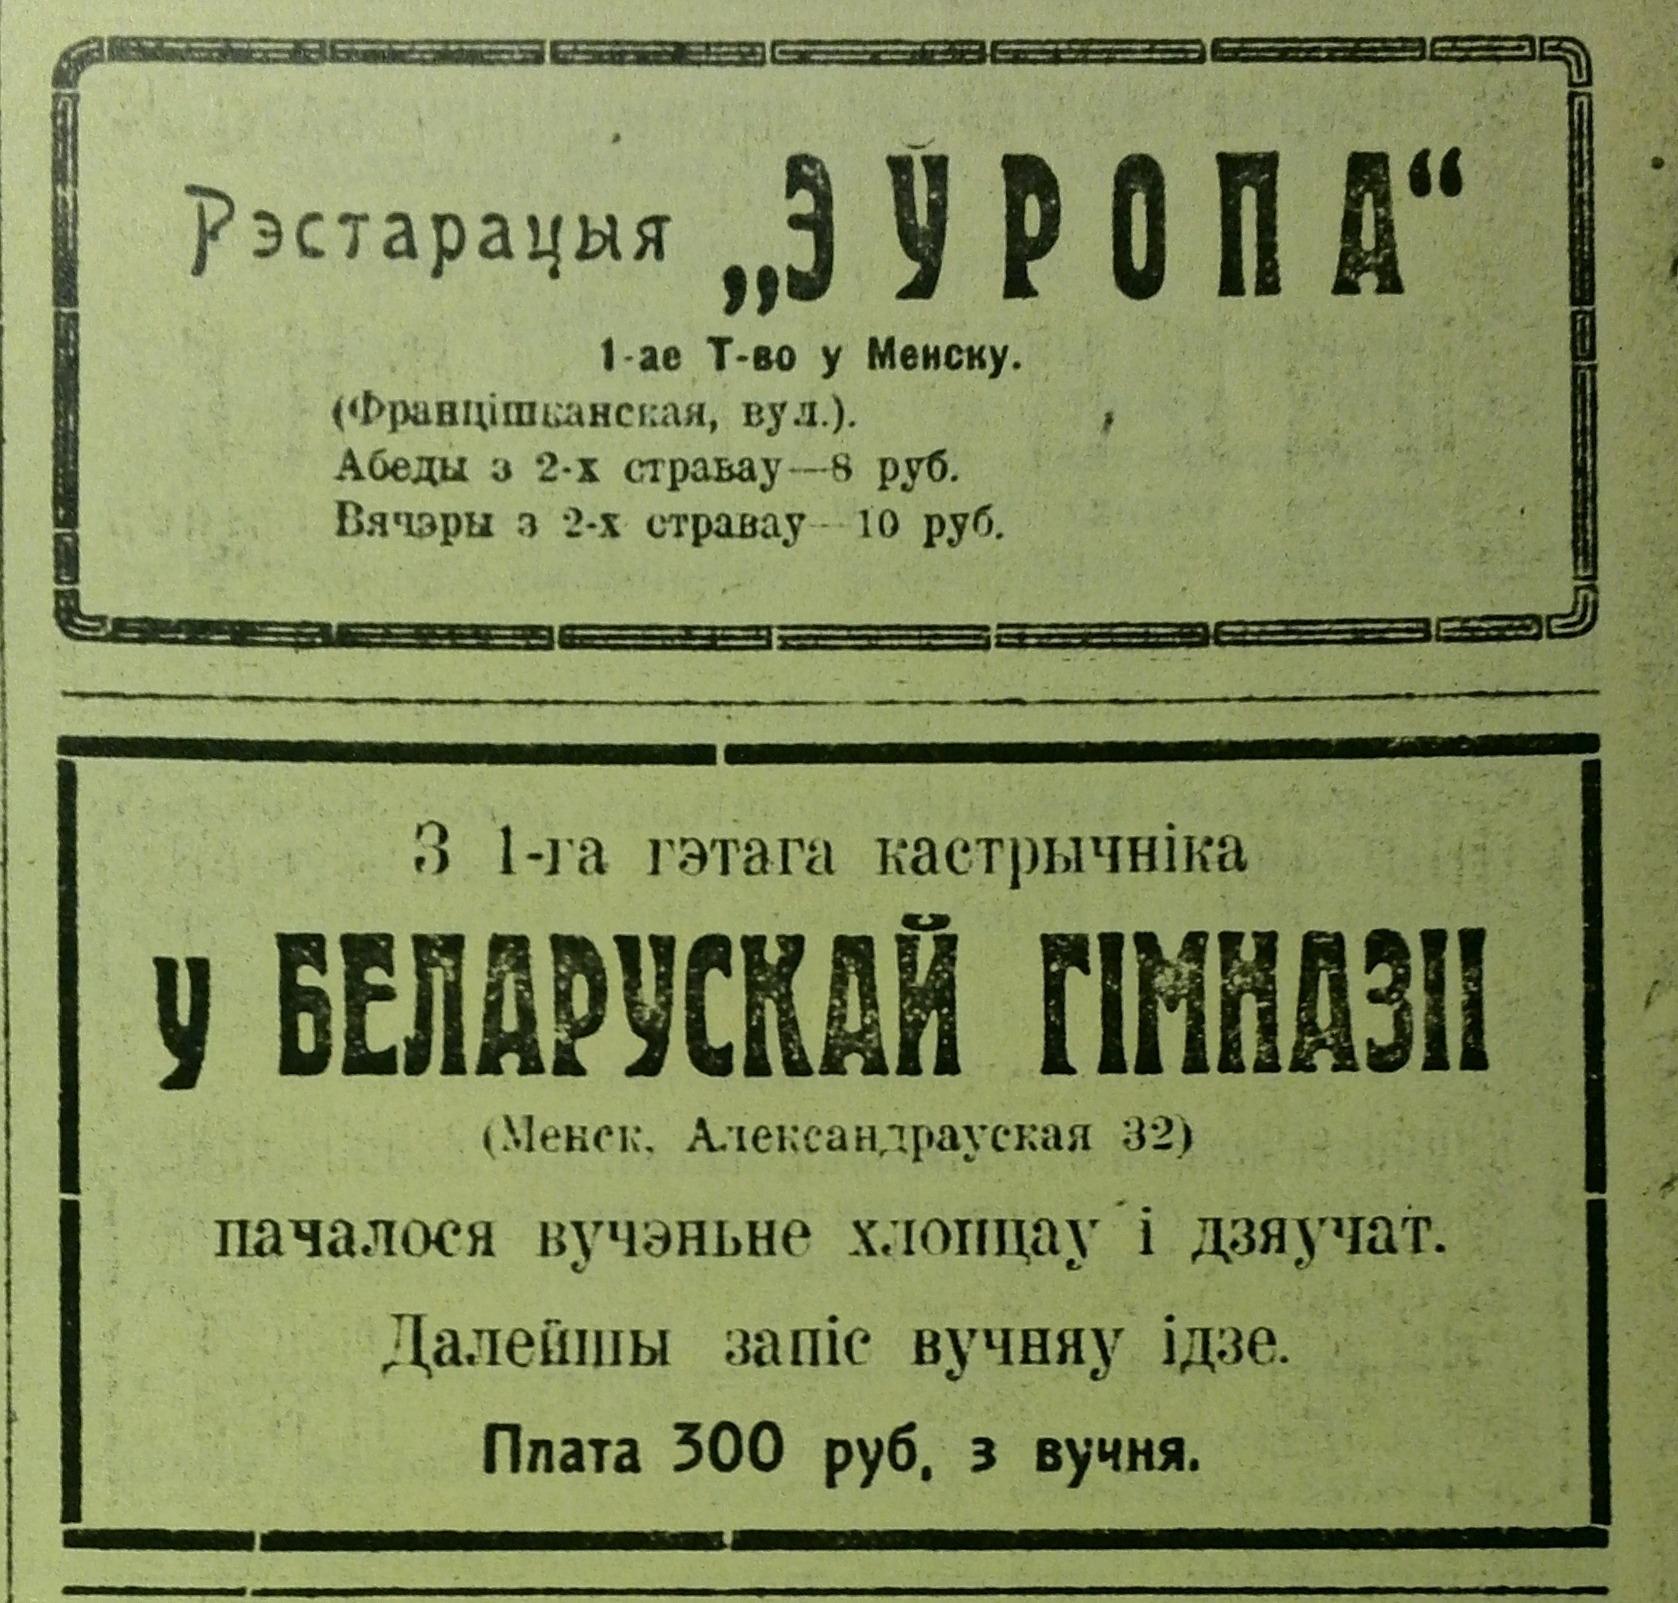 Реклама из газеты «Беларусь»